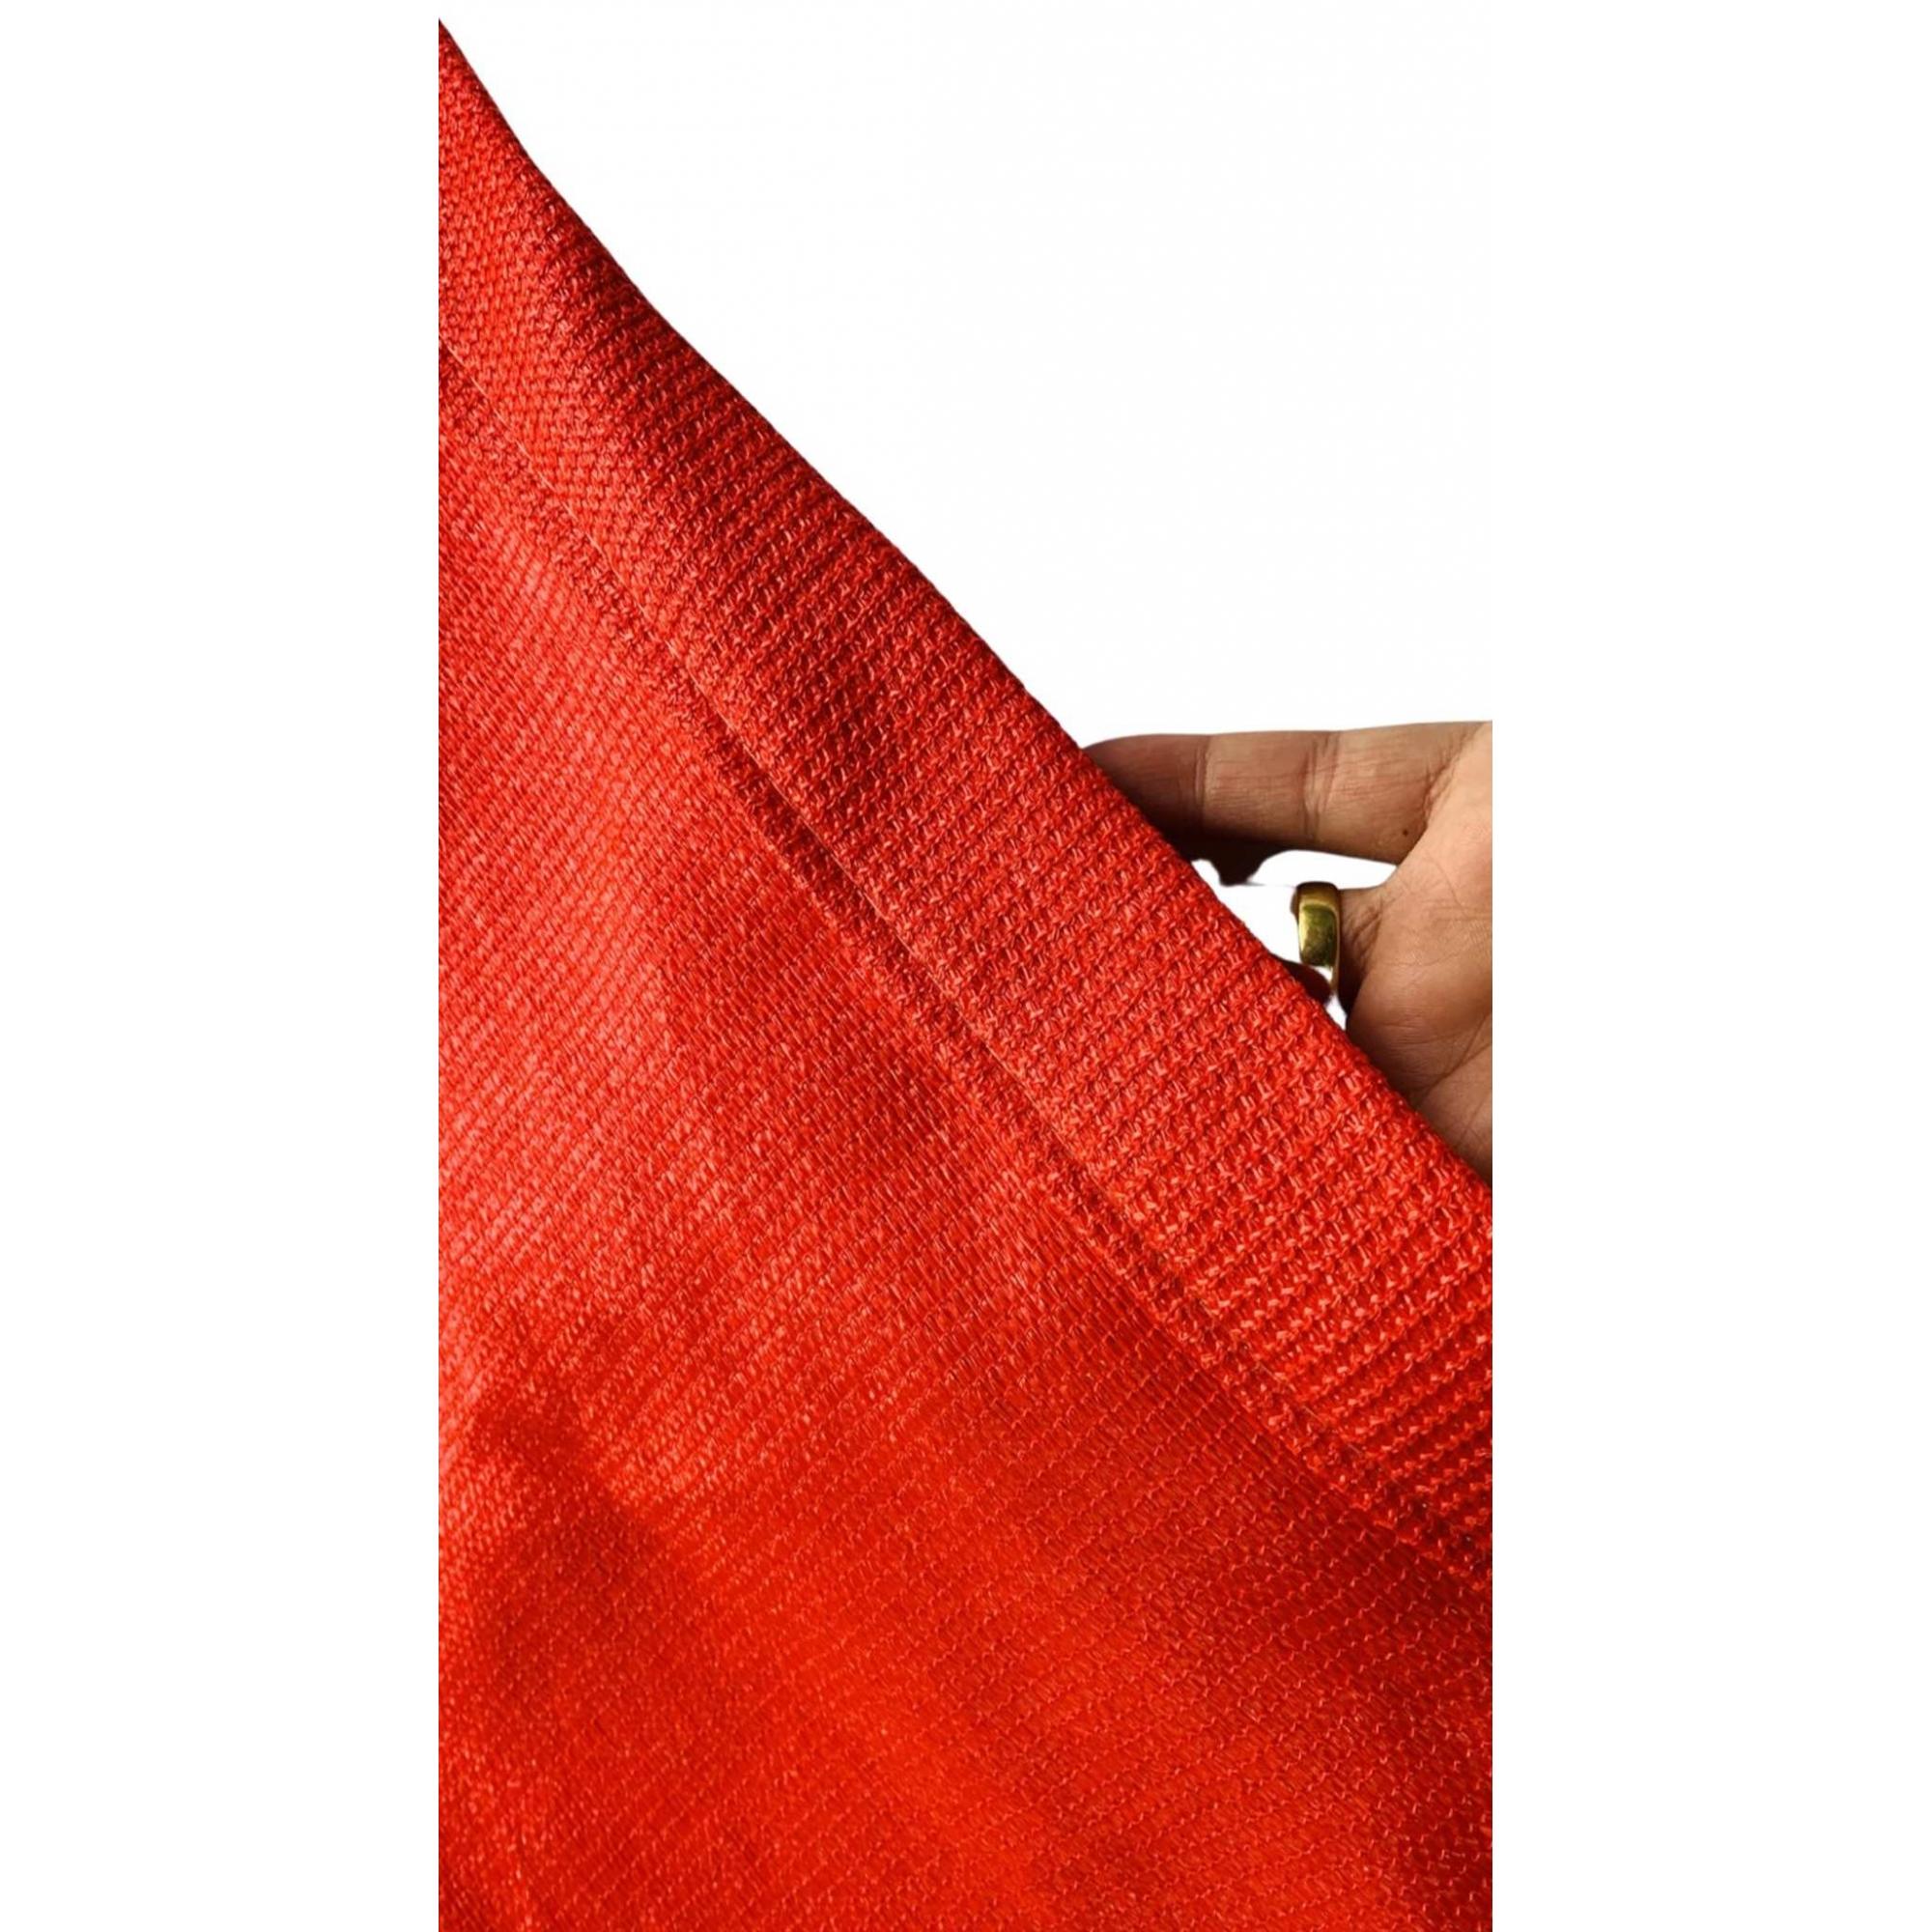 Tela de Sombreamento 90% Vermelha com Bainha e Ilhós - Largura: 2 Metros